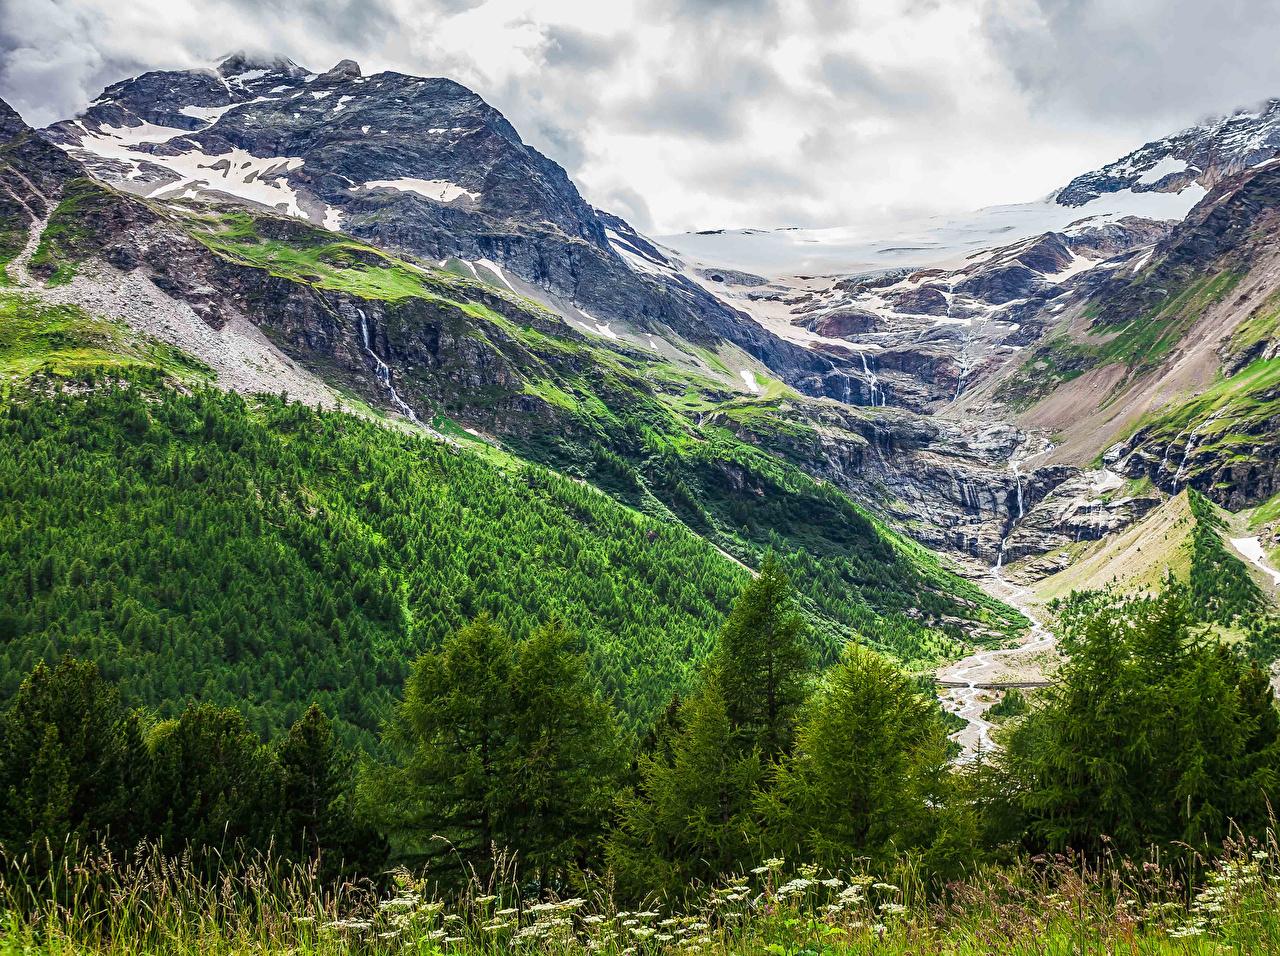 Картинки Швейцария Morteratsch Glacier Горы Скала Ручей Природа Леса Мох гора Утес скале скалы ручеек лес мха мхом